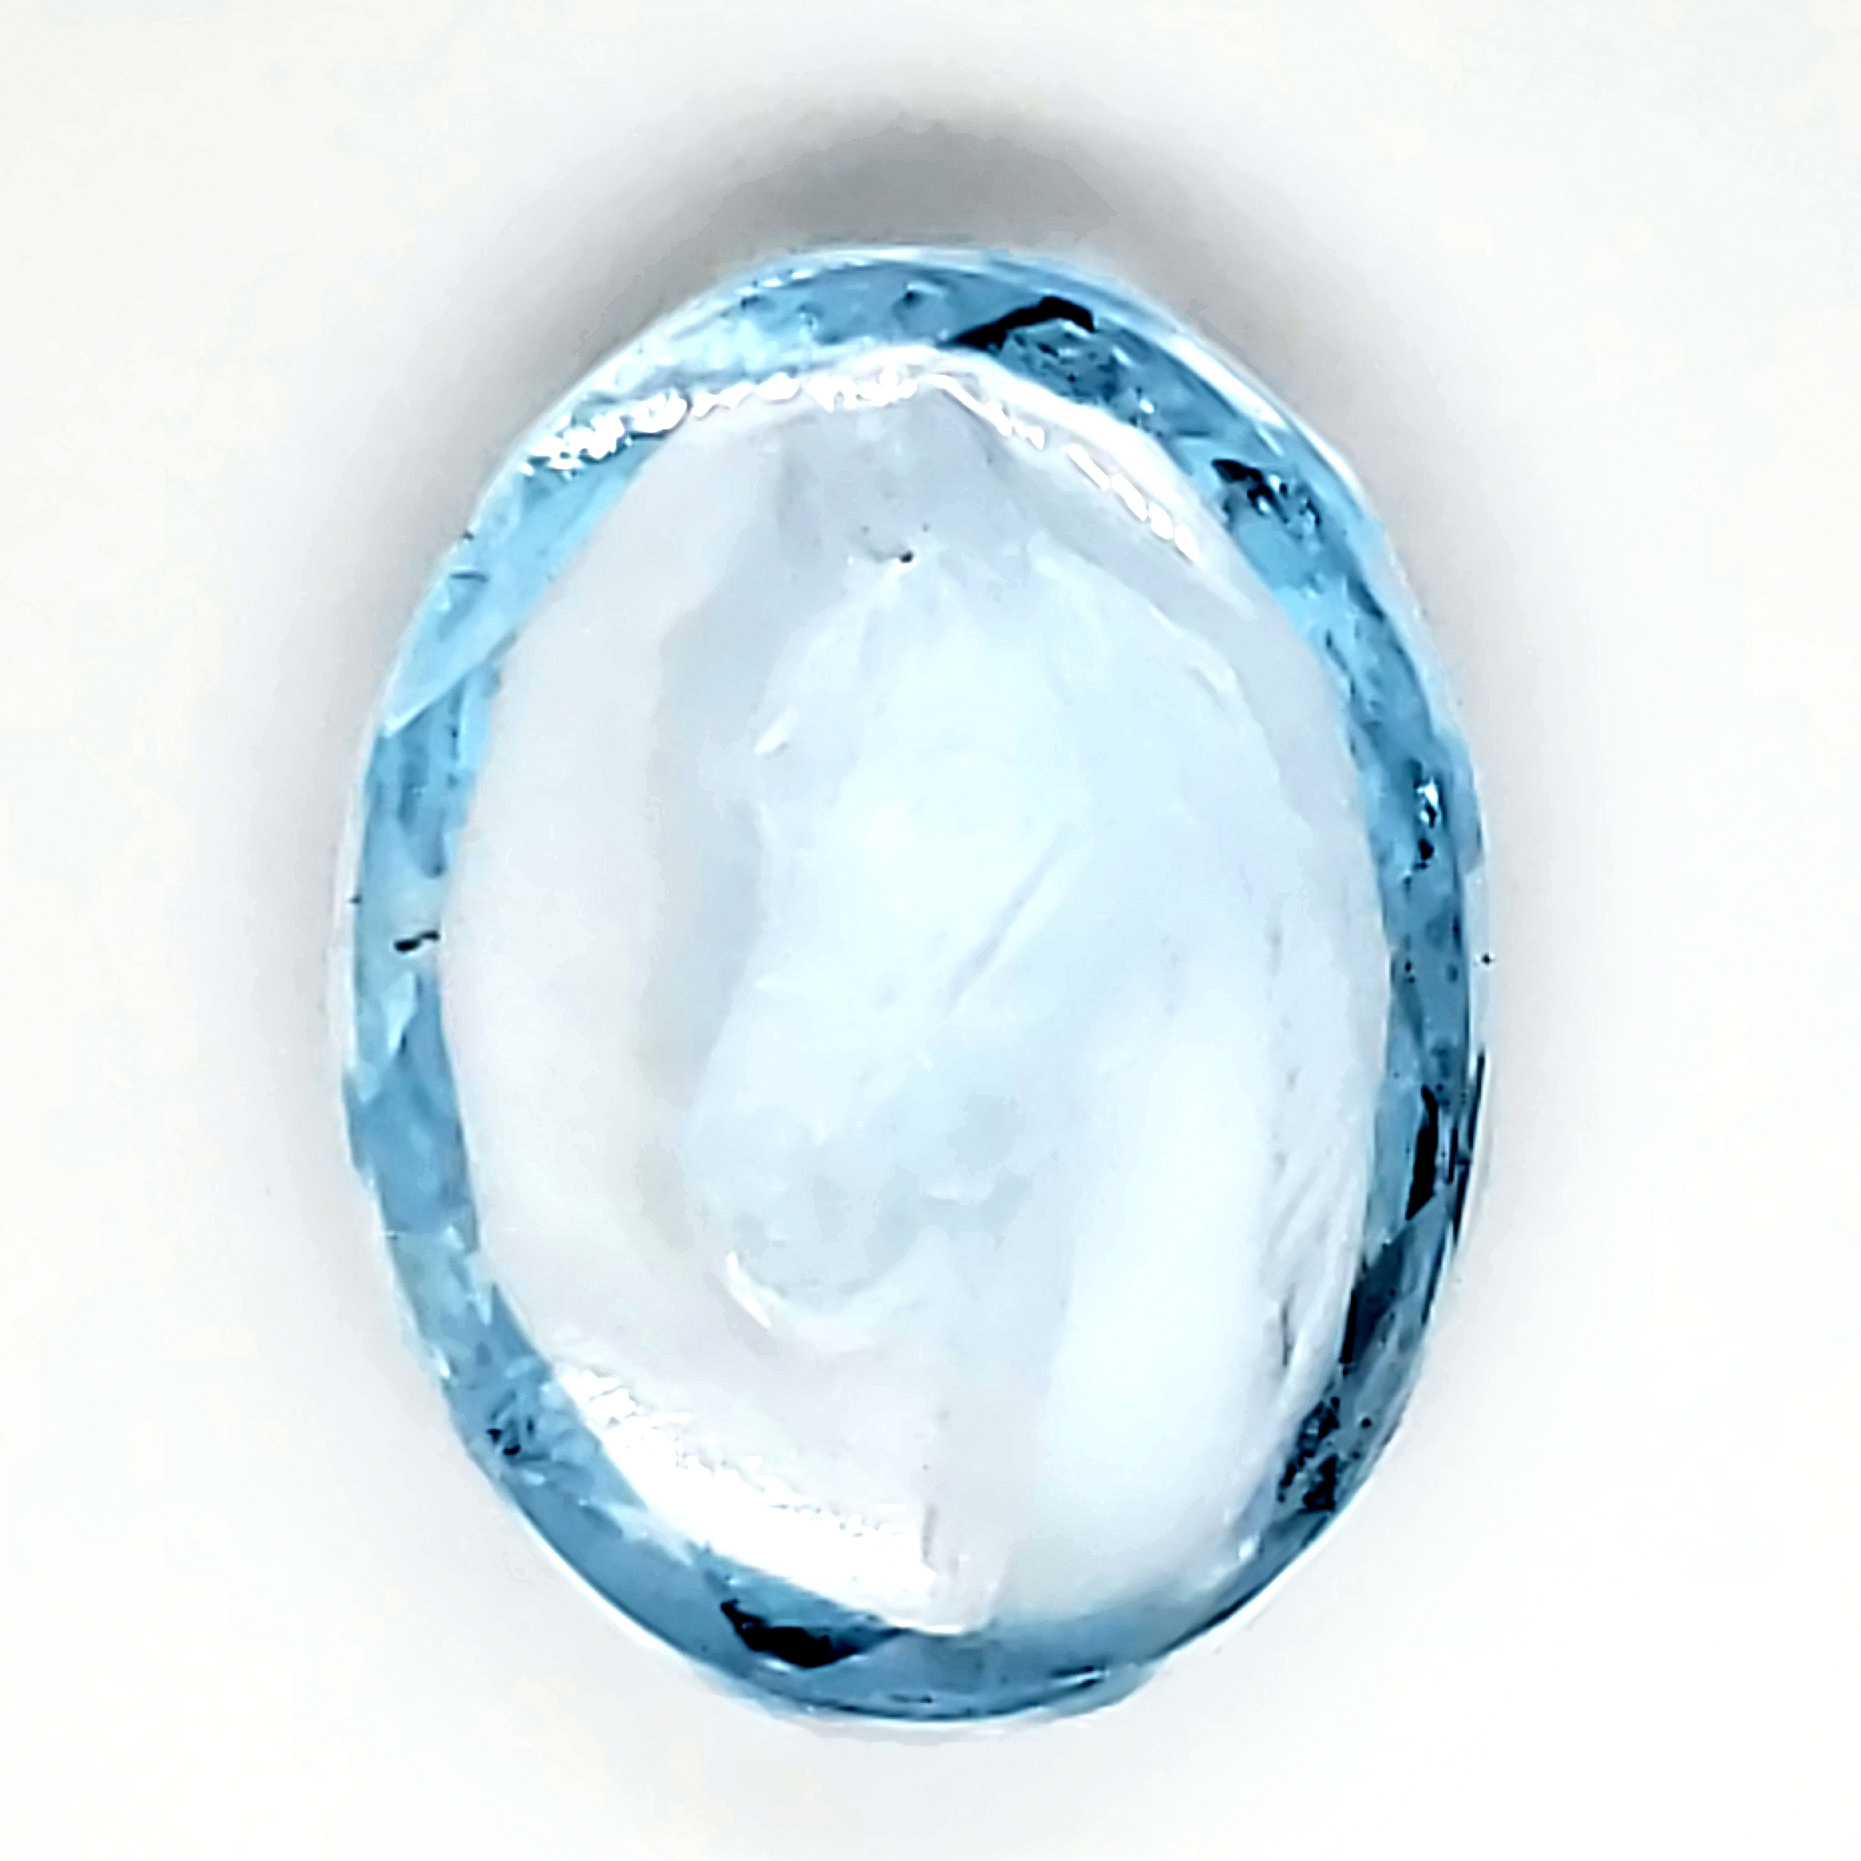 9.44 carat Carved Horse Blue Topaz